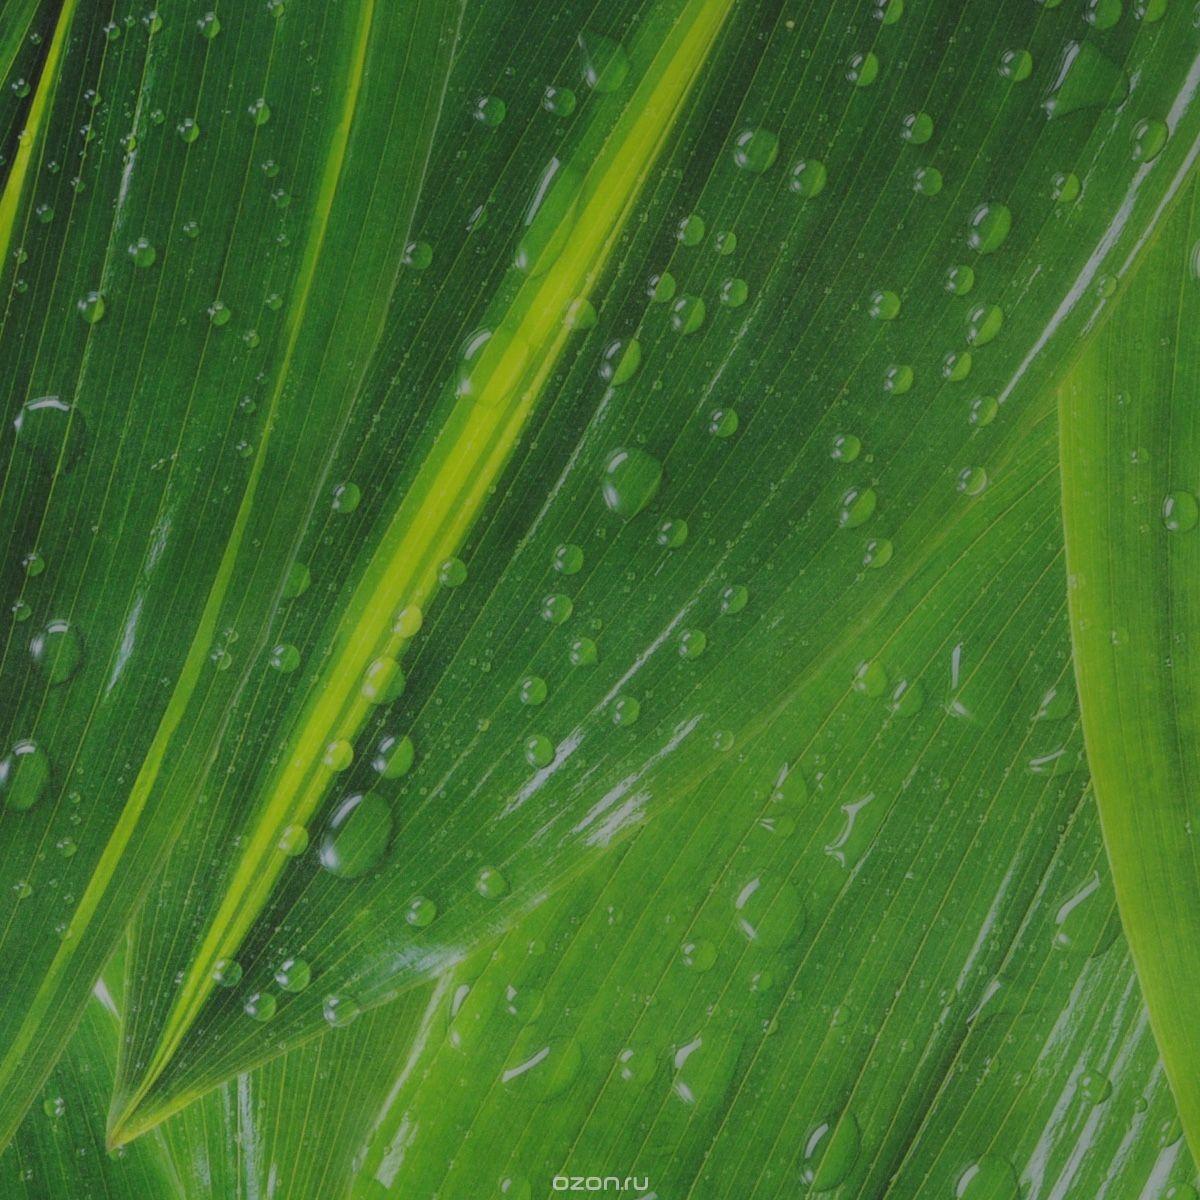 Транспарентная бумага Folia Капли дождя, зеленая (50,5x70 см)